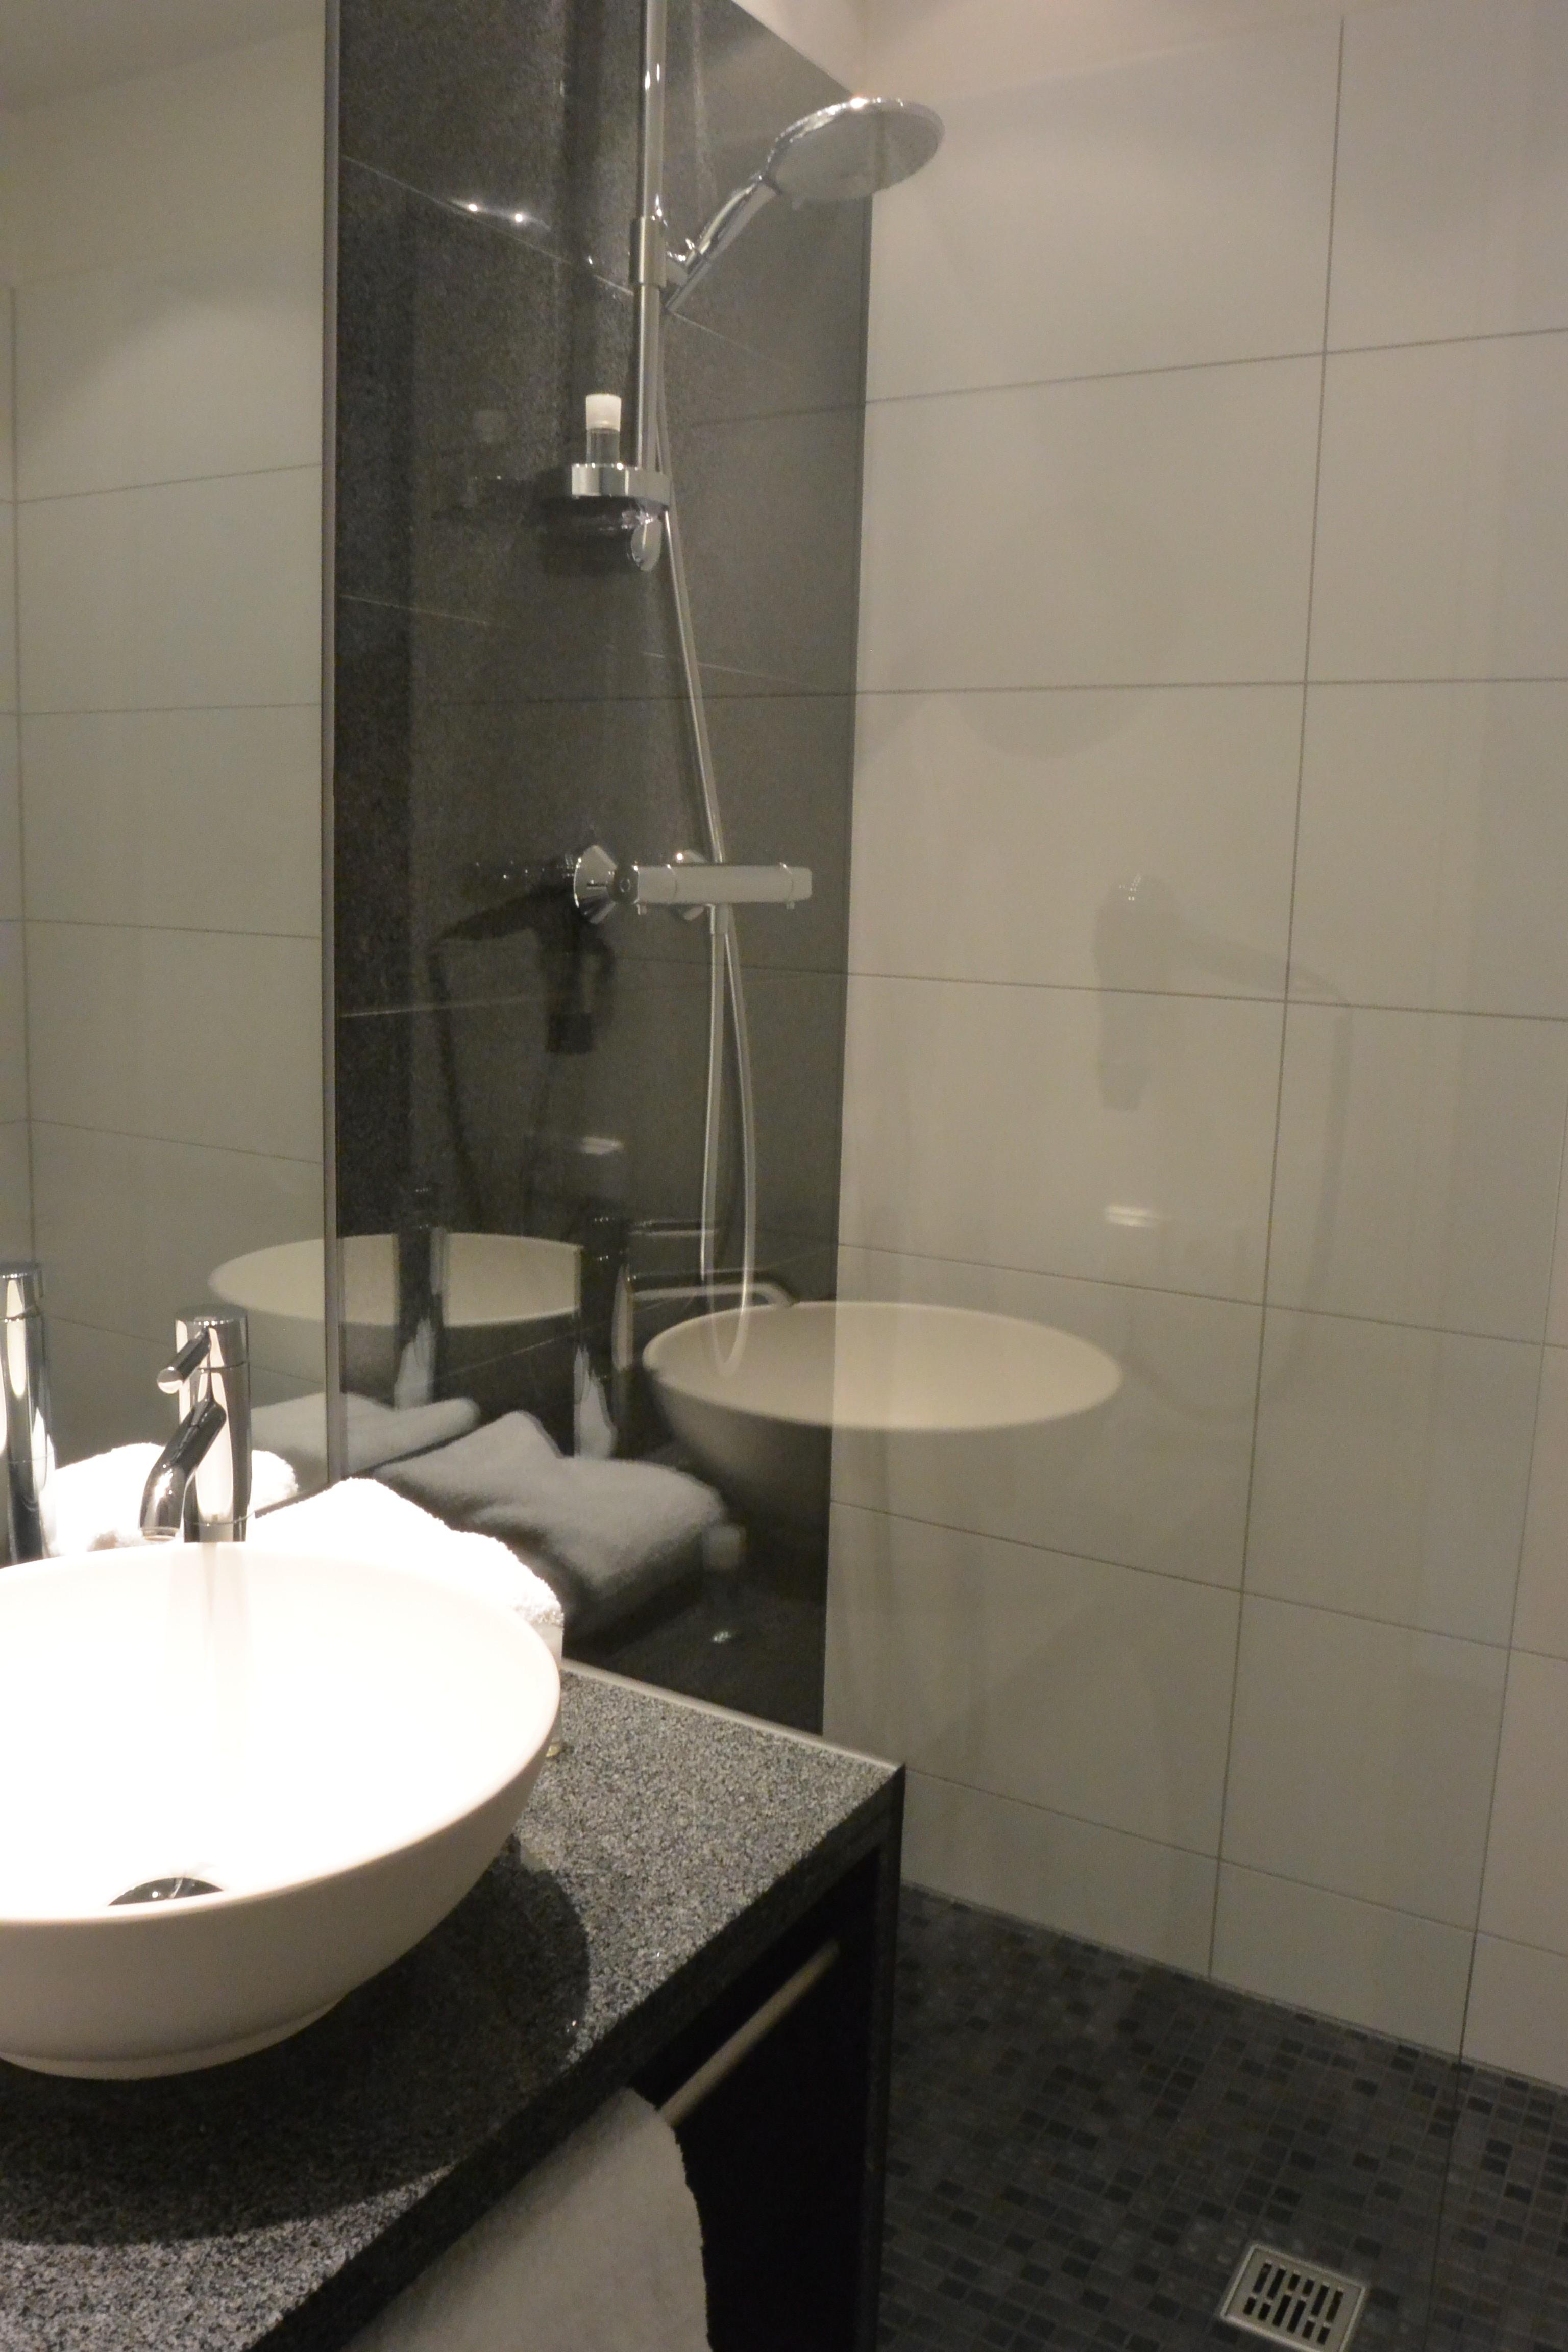 Hoteltest das designhotel motel one in d sseldorf for Badezimmer motel one